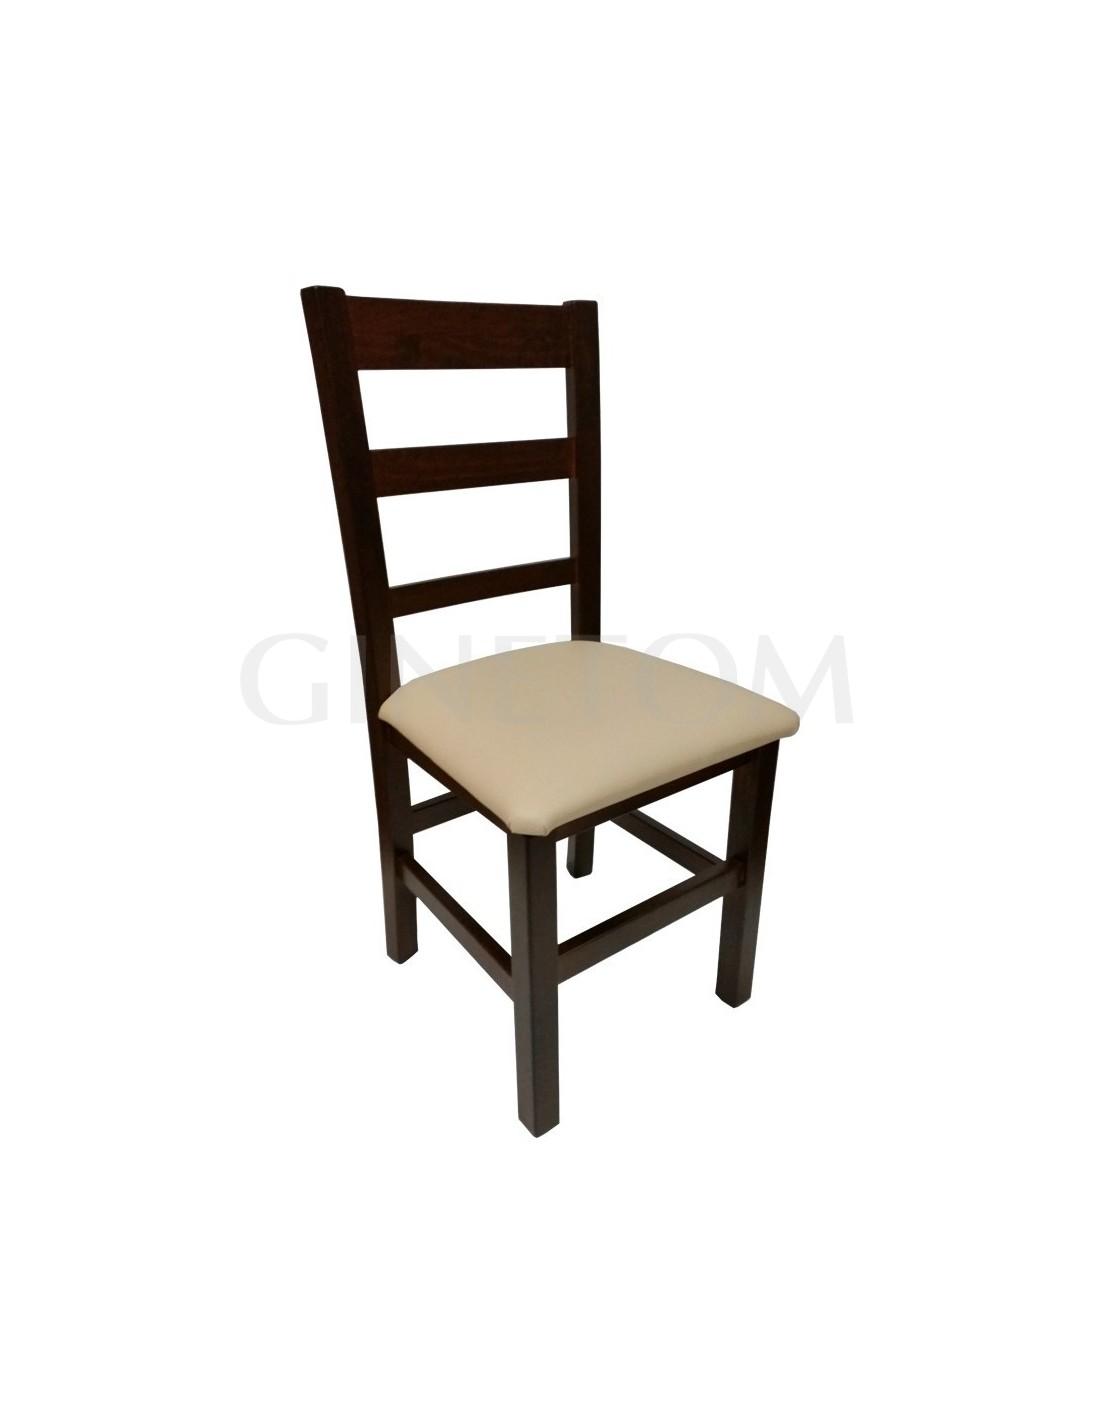 Sillas de madera ref 146 sillas hosteler a de ginetom for Sillas de madera comodas